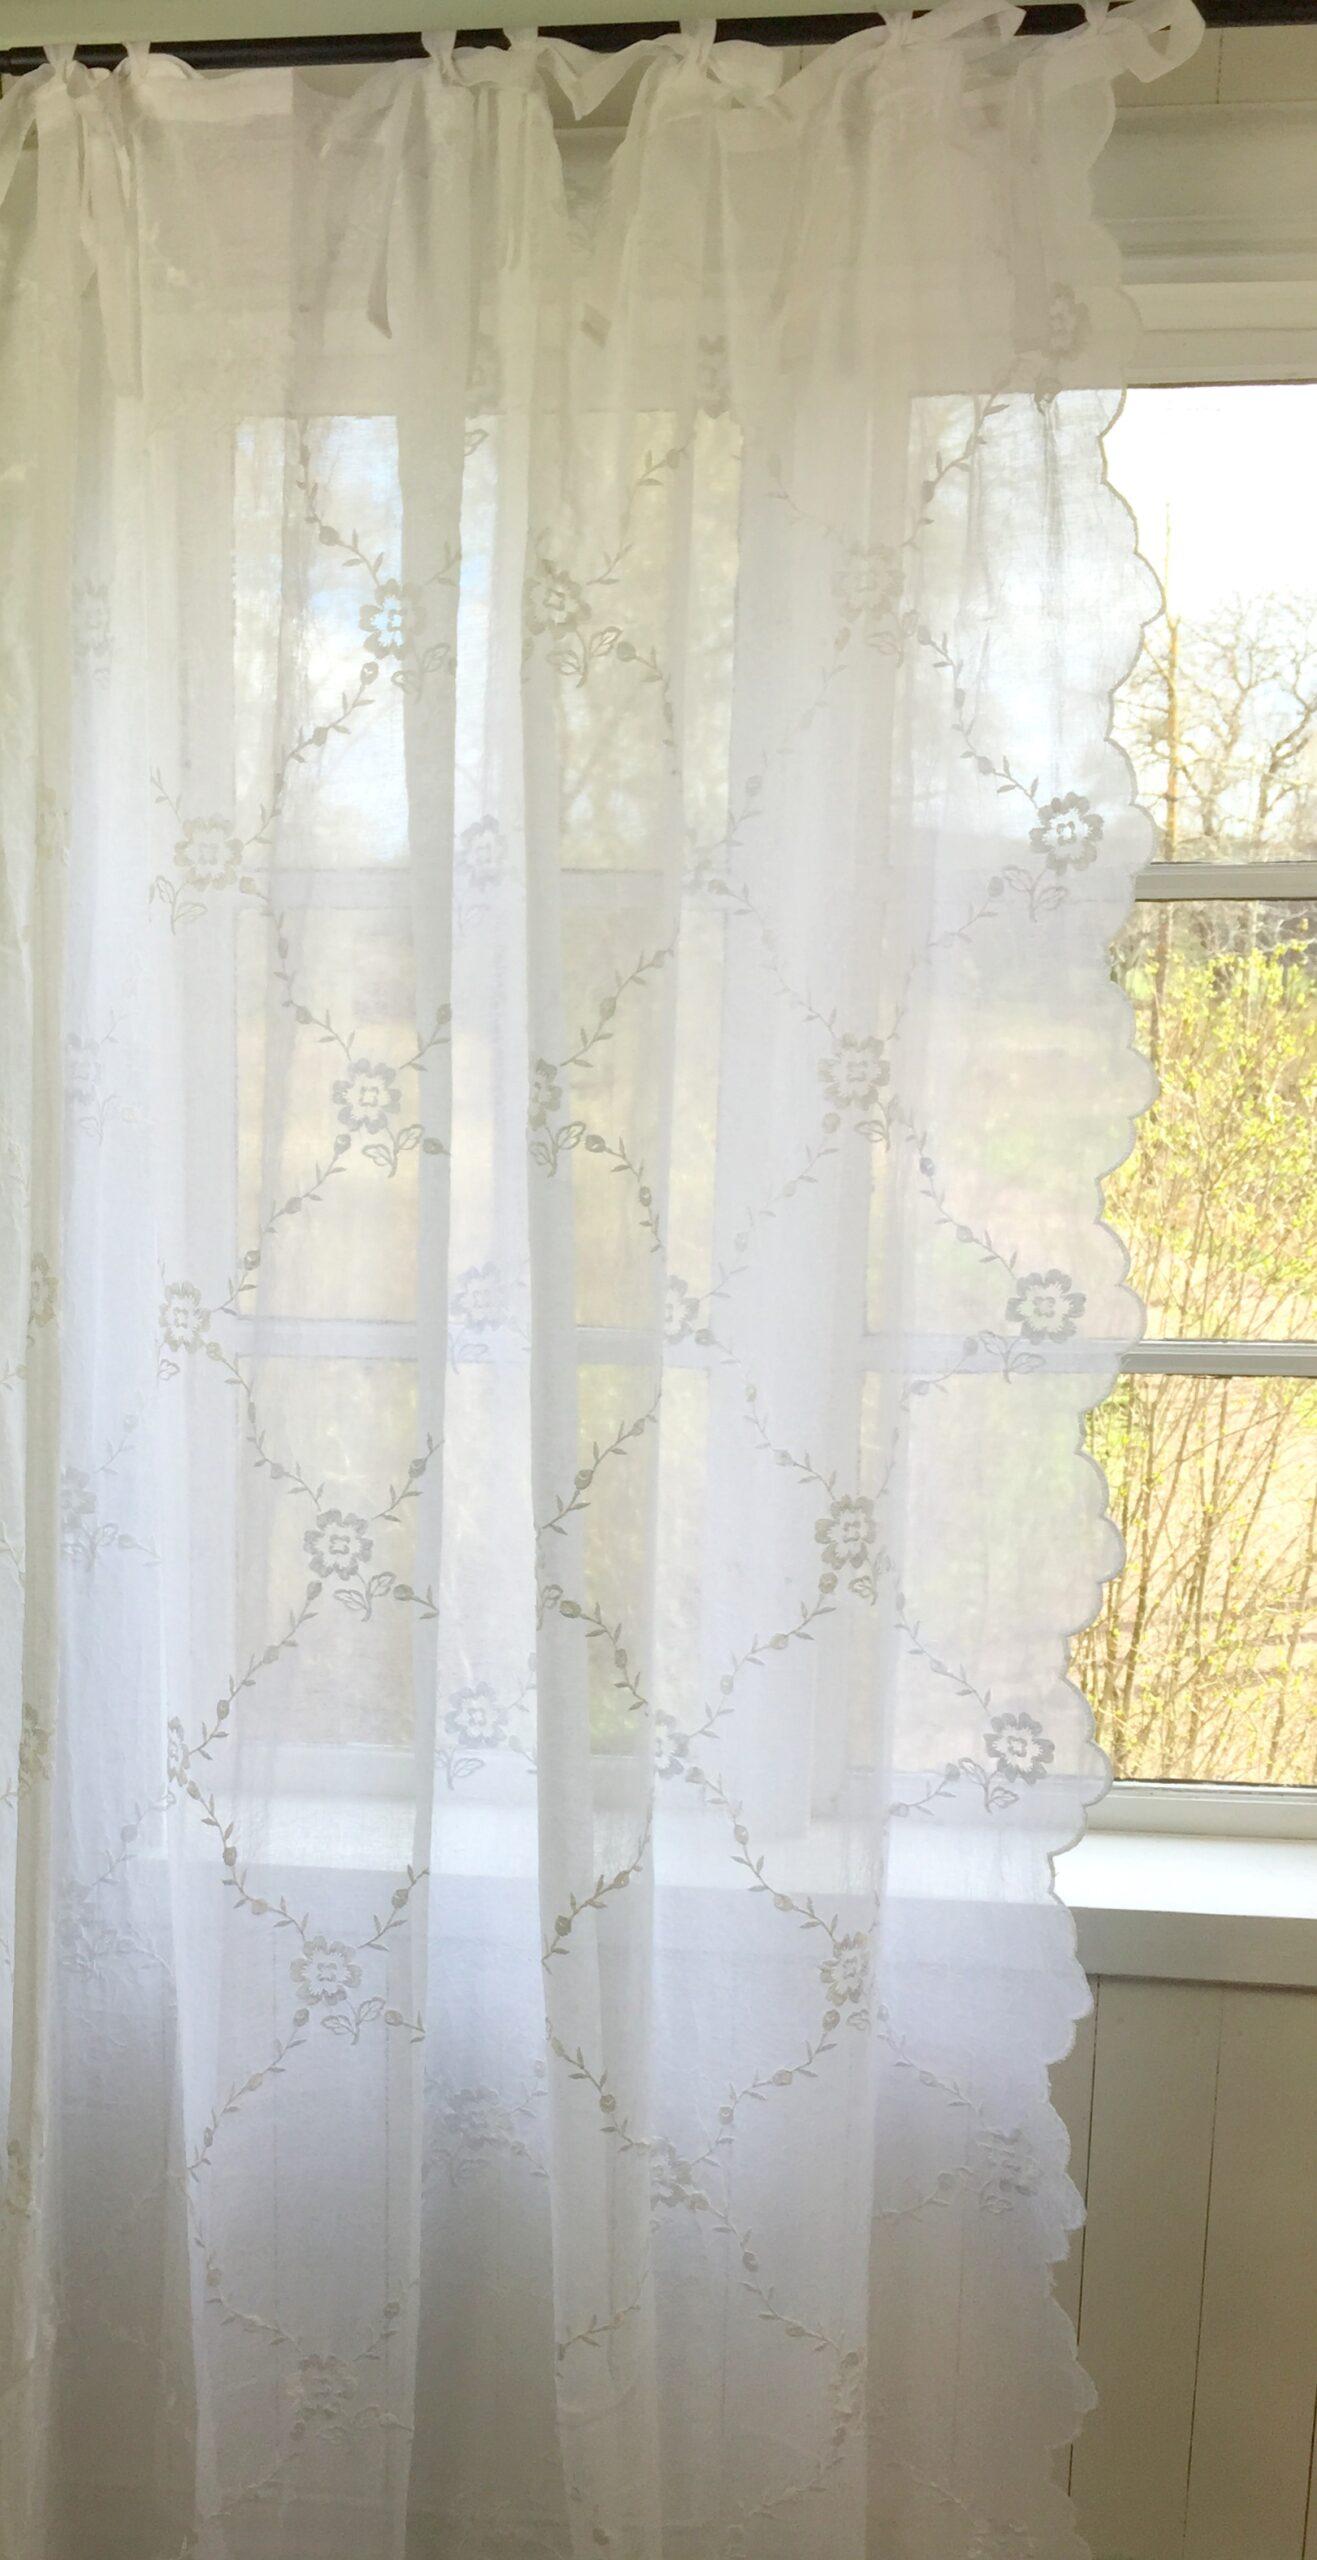 Full Size of Landhaus Gardinen Wei Schal Chiara Bestickt 200x300 Cm Bandaufhngung Bett Küche Sofa Wohnzimmer Für Die Scheibengardinen Landhausstil Fenster Betten Wohnzimmer Landhaus Gardinen